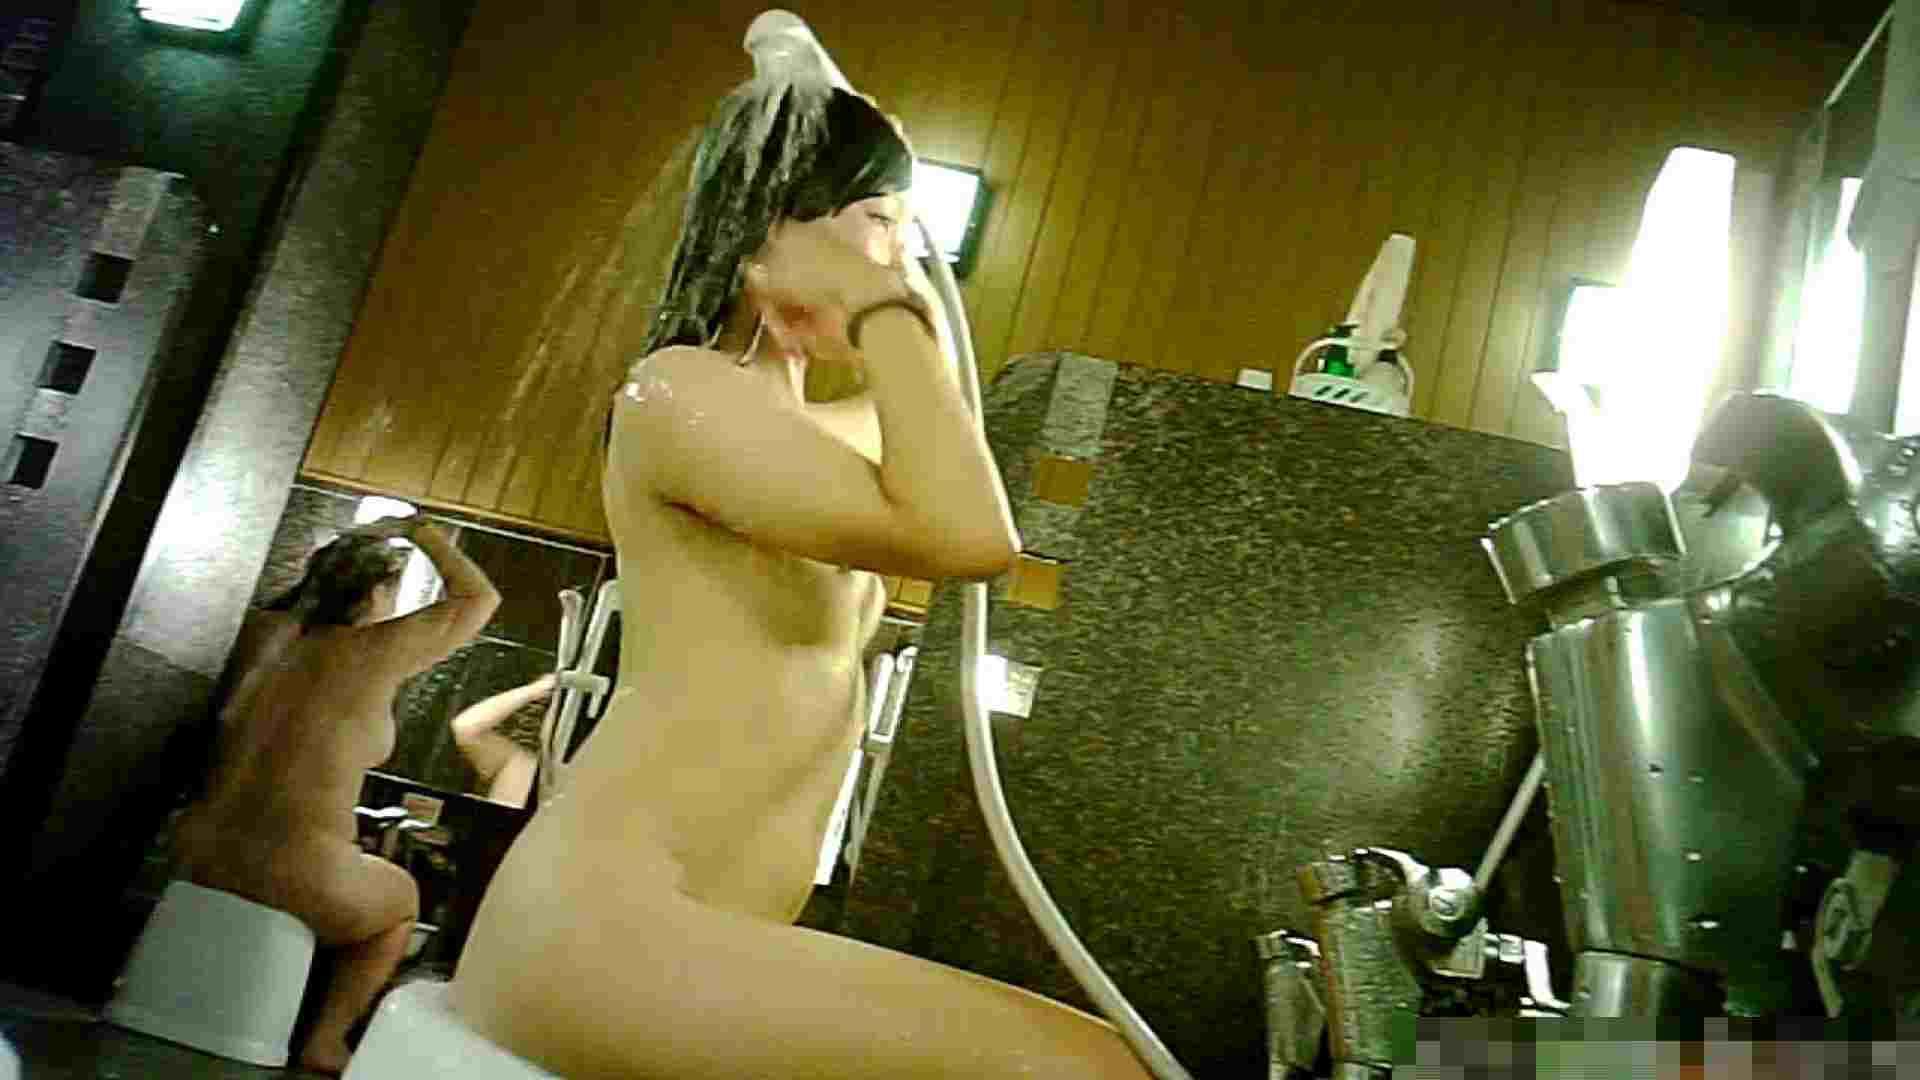 巨乳おまんこ:Vol.57 追い撮り!時間は短いですが私服と裸・・・悩殺です。:怪盗ジョーカー